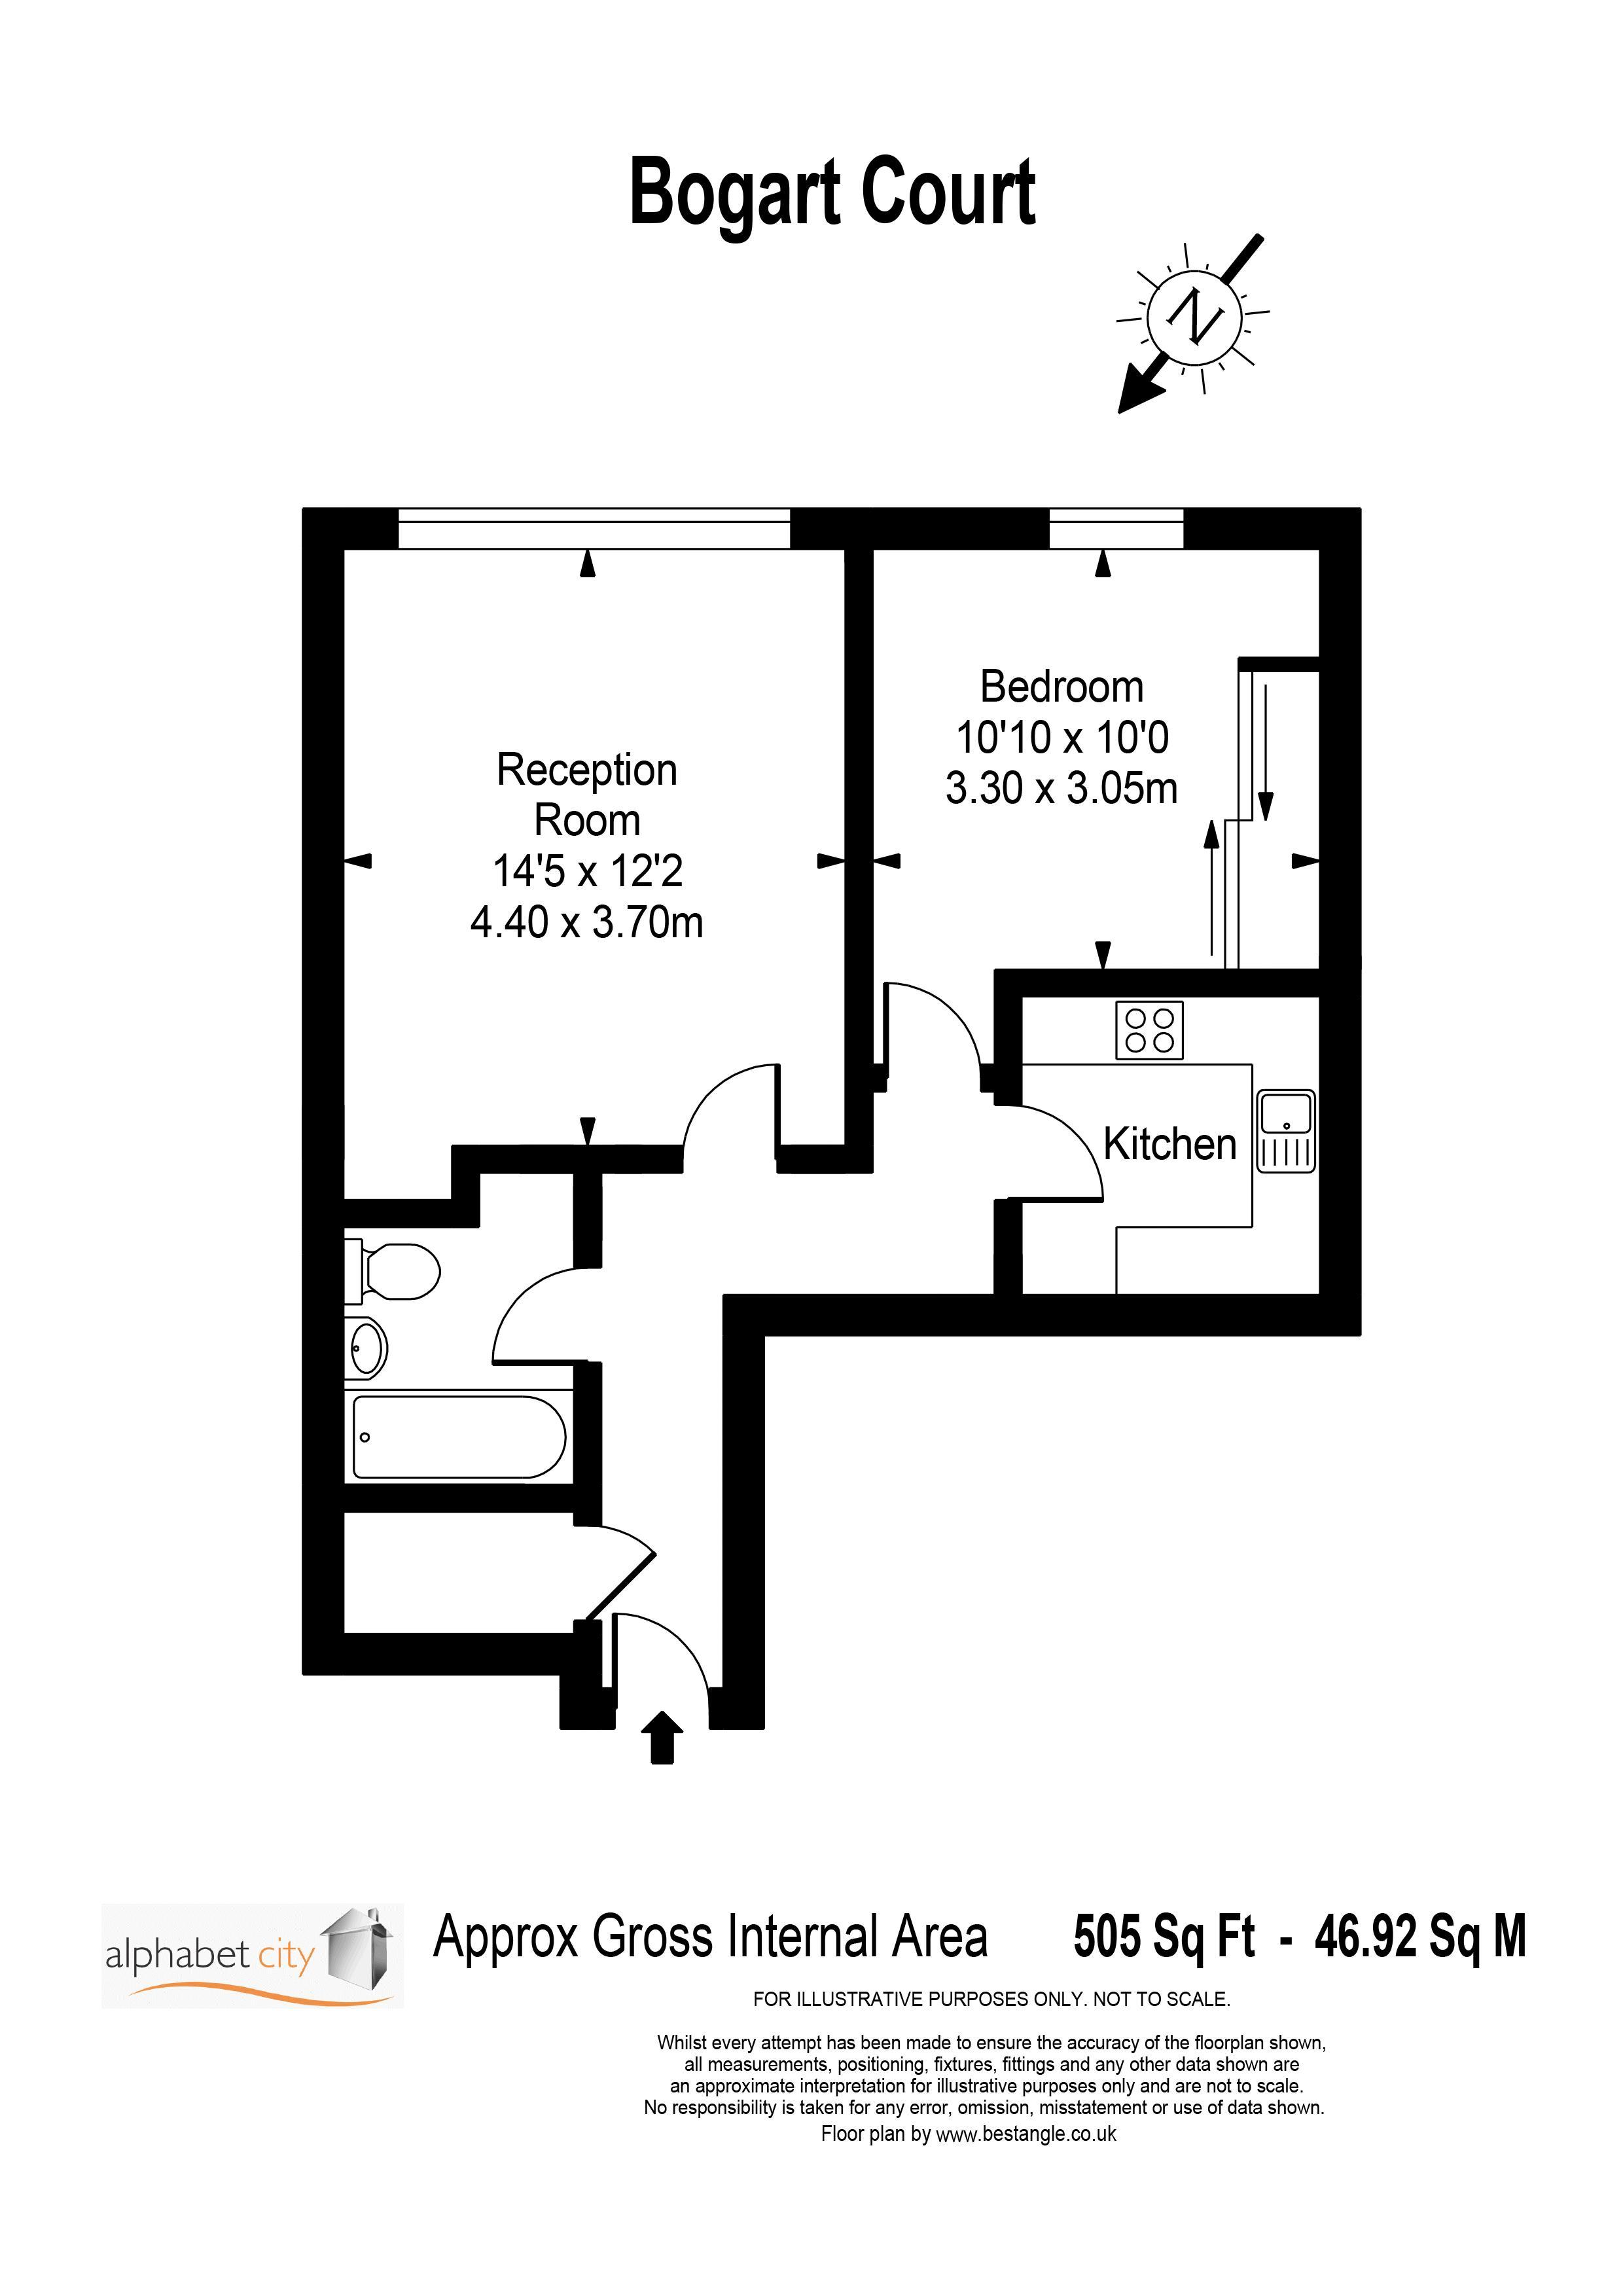 Bogart Court Floorplan